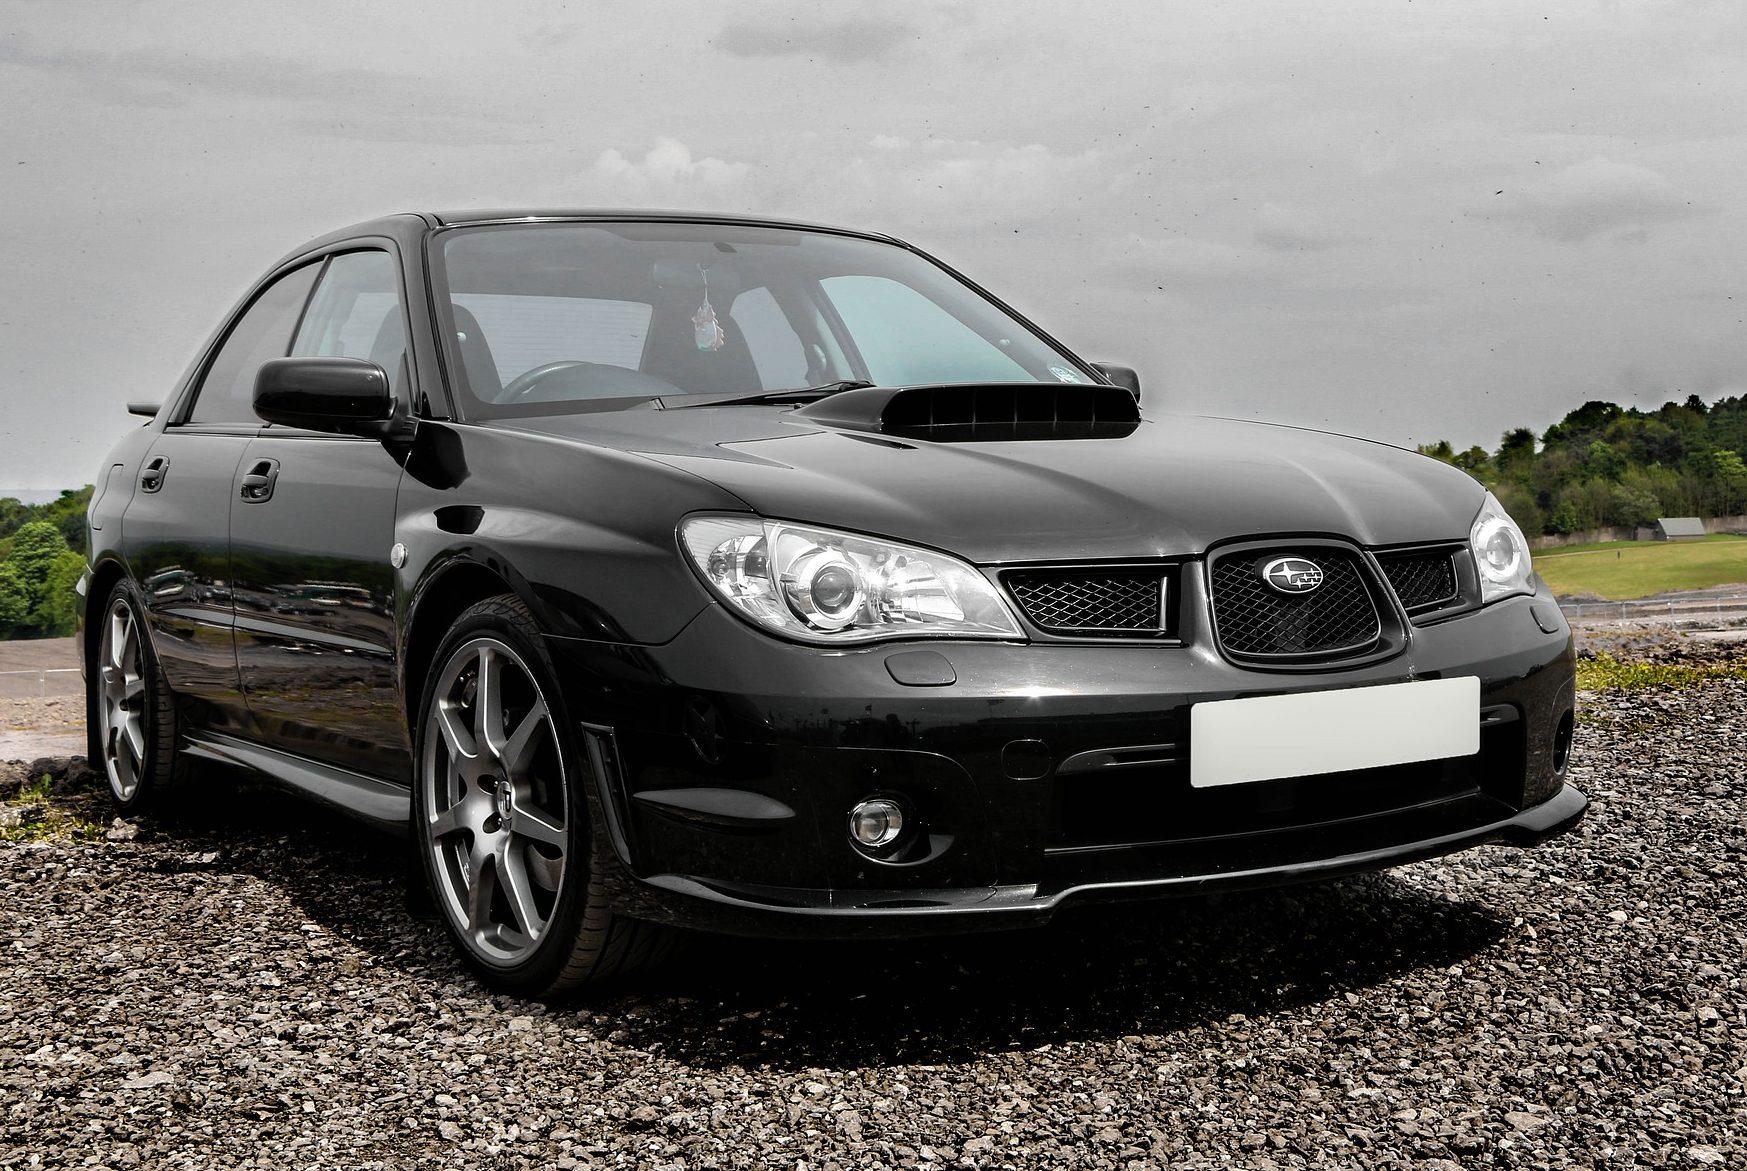 2012 Subaru Impreza - GWCars.org